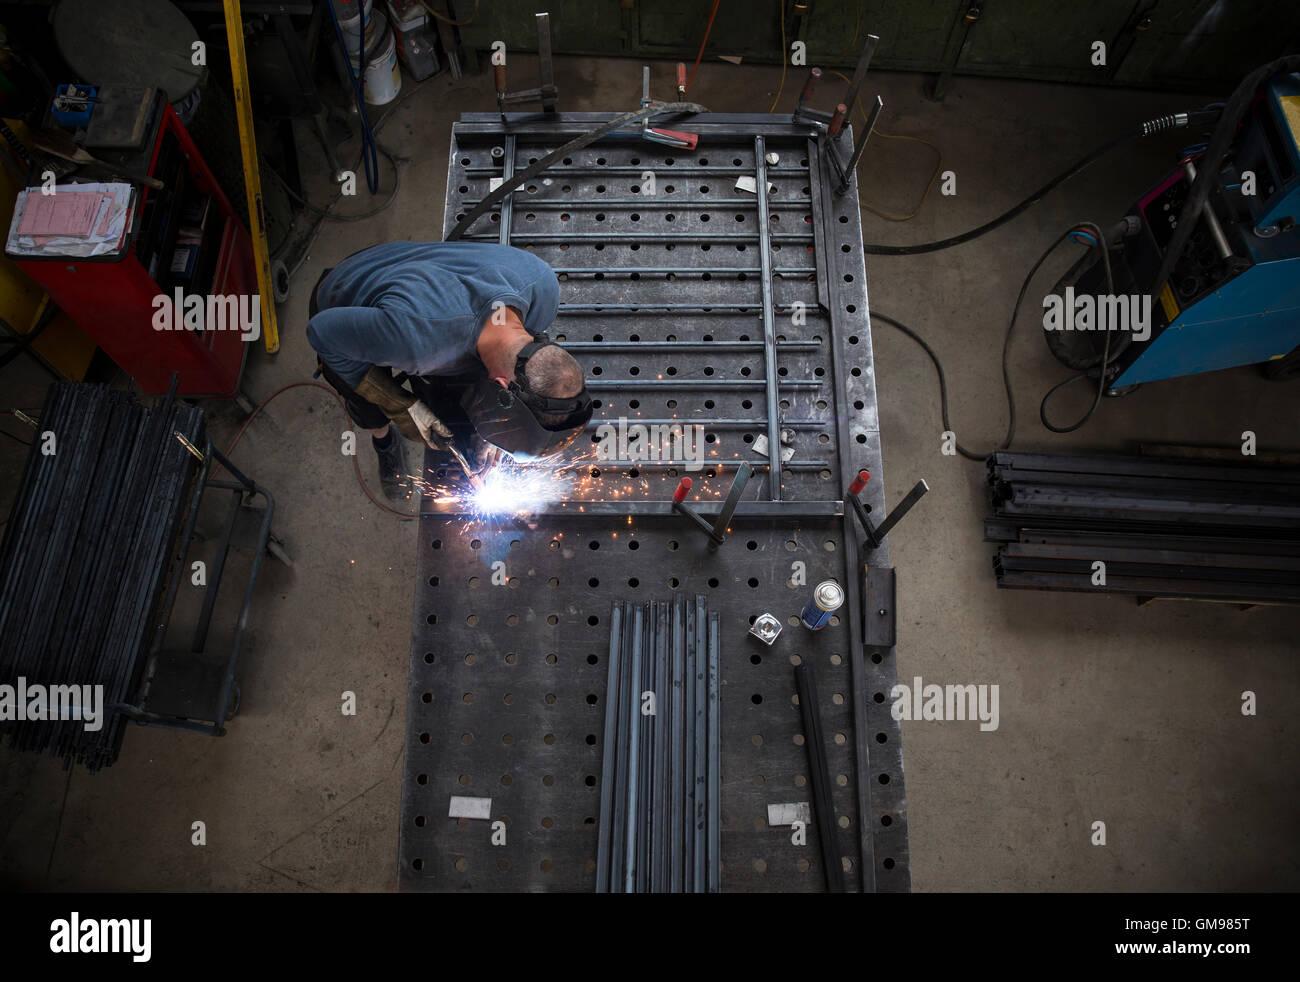 Di costruzione metallica, saldatore ringhiera di saldatura Immagini Stock